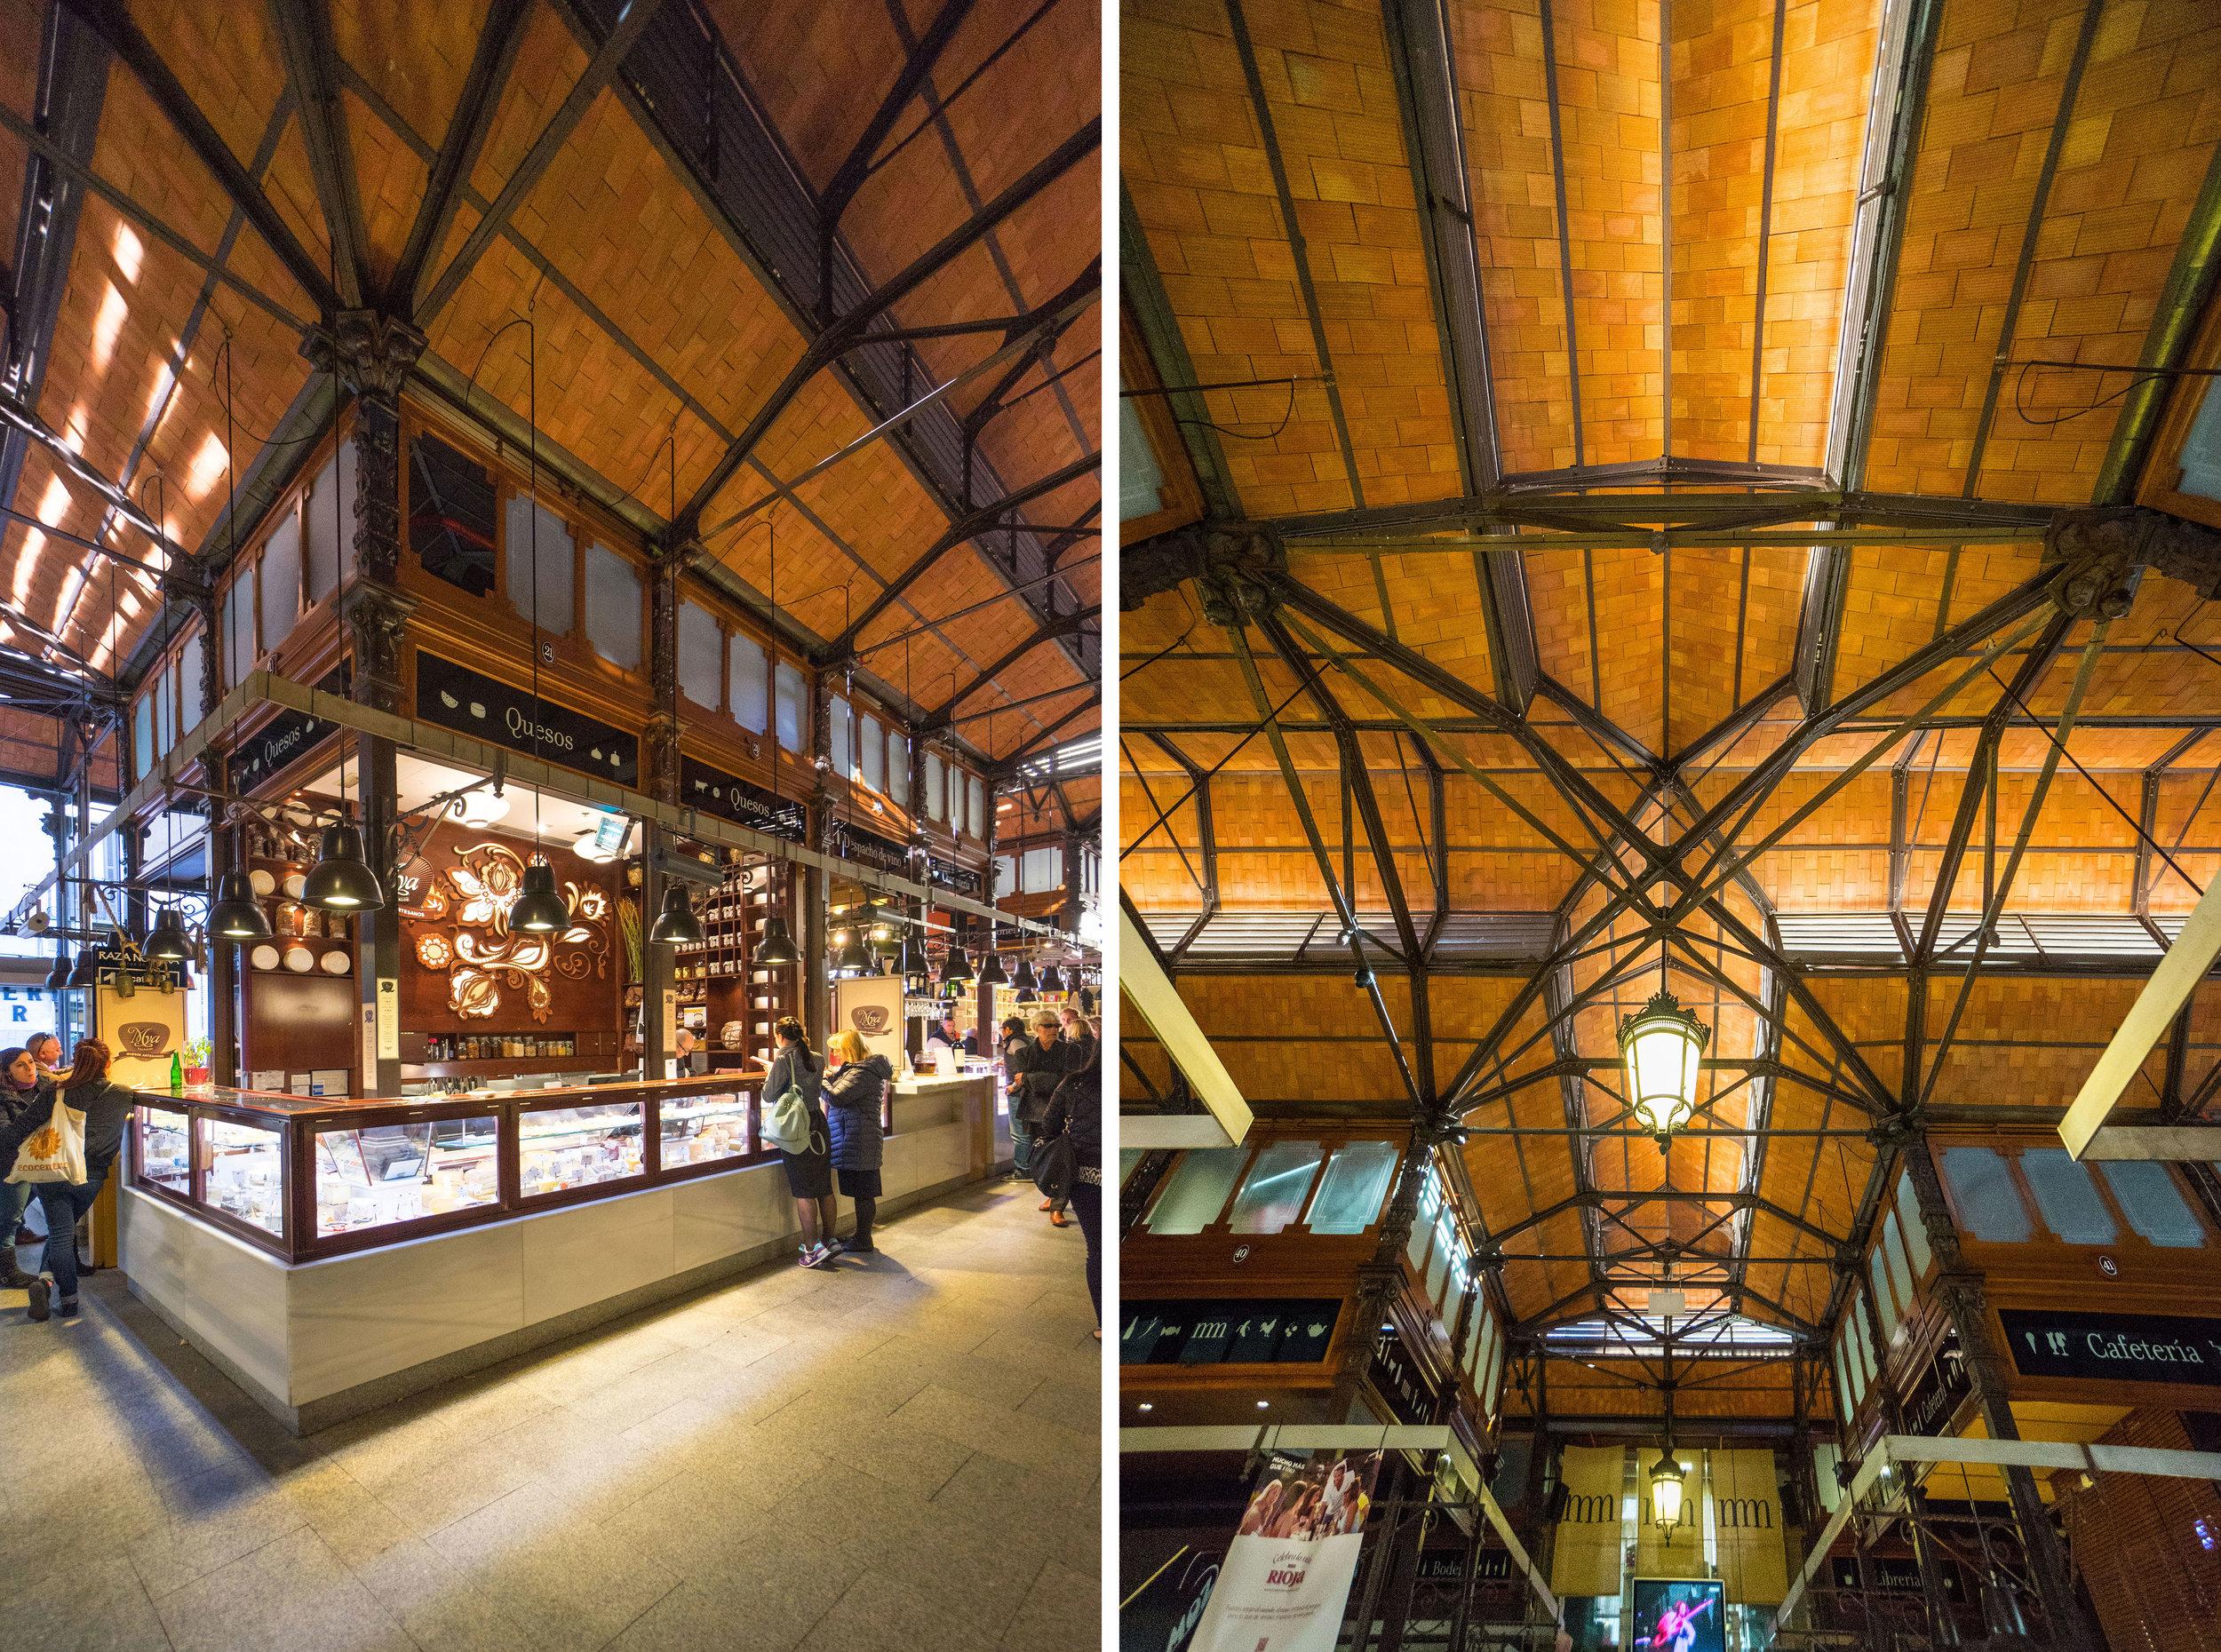 Mercado de San Miguel  - such a great example of restoring a historic space!